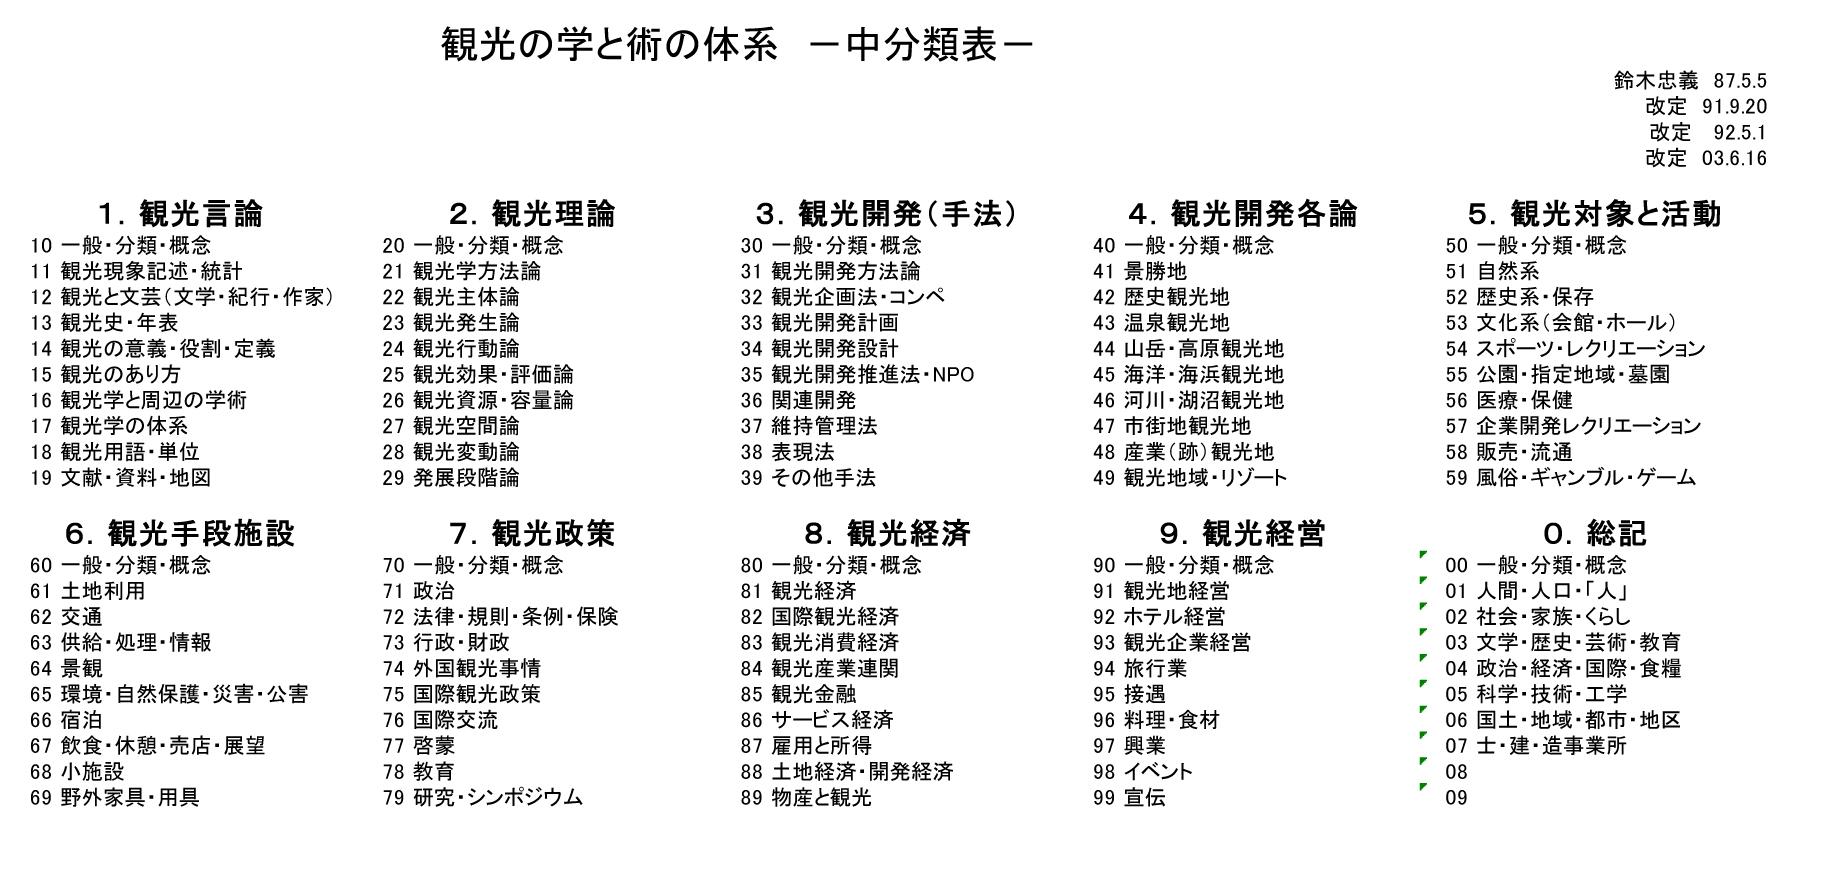 表2 観光の学と術の体系 −中分類表−